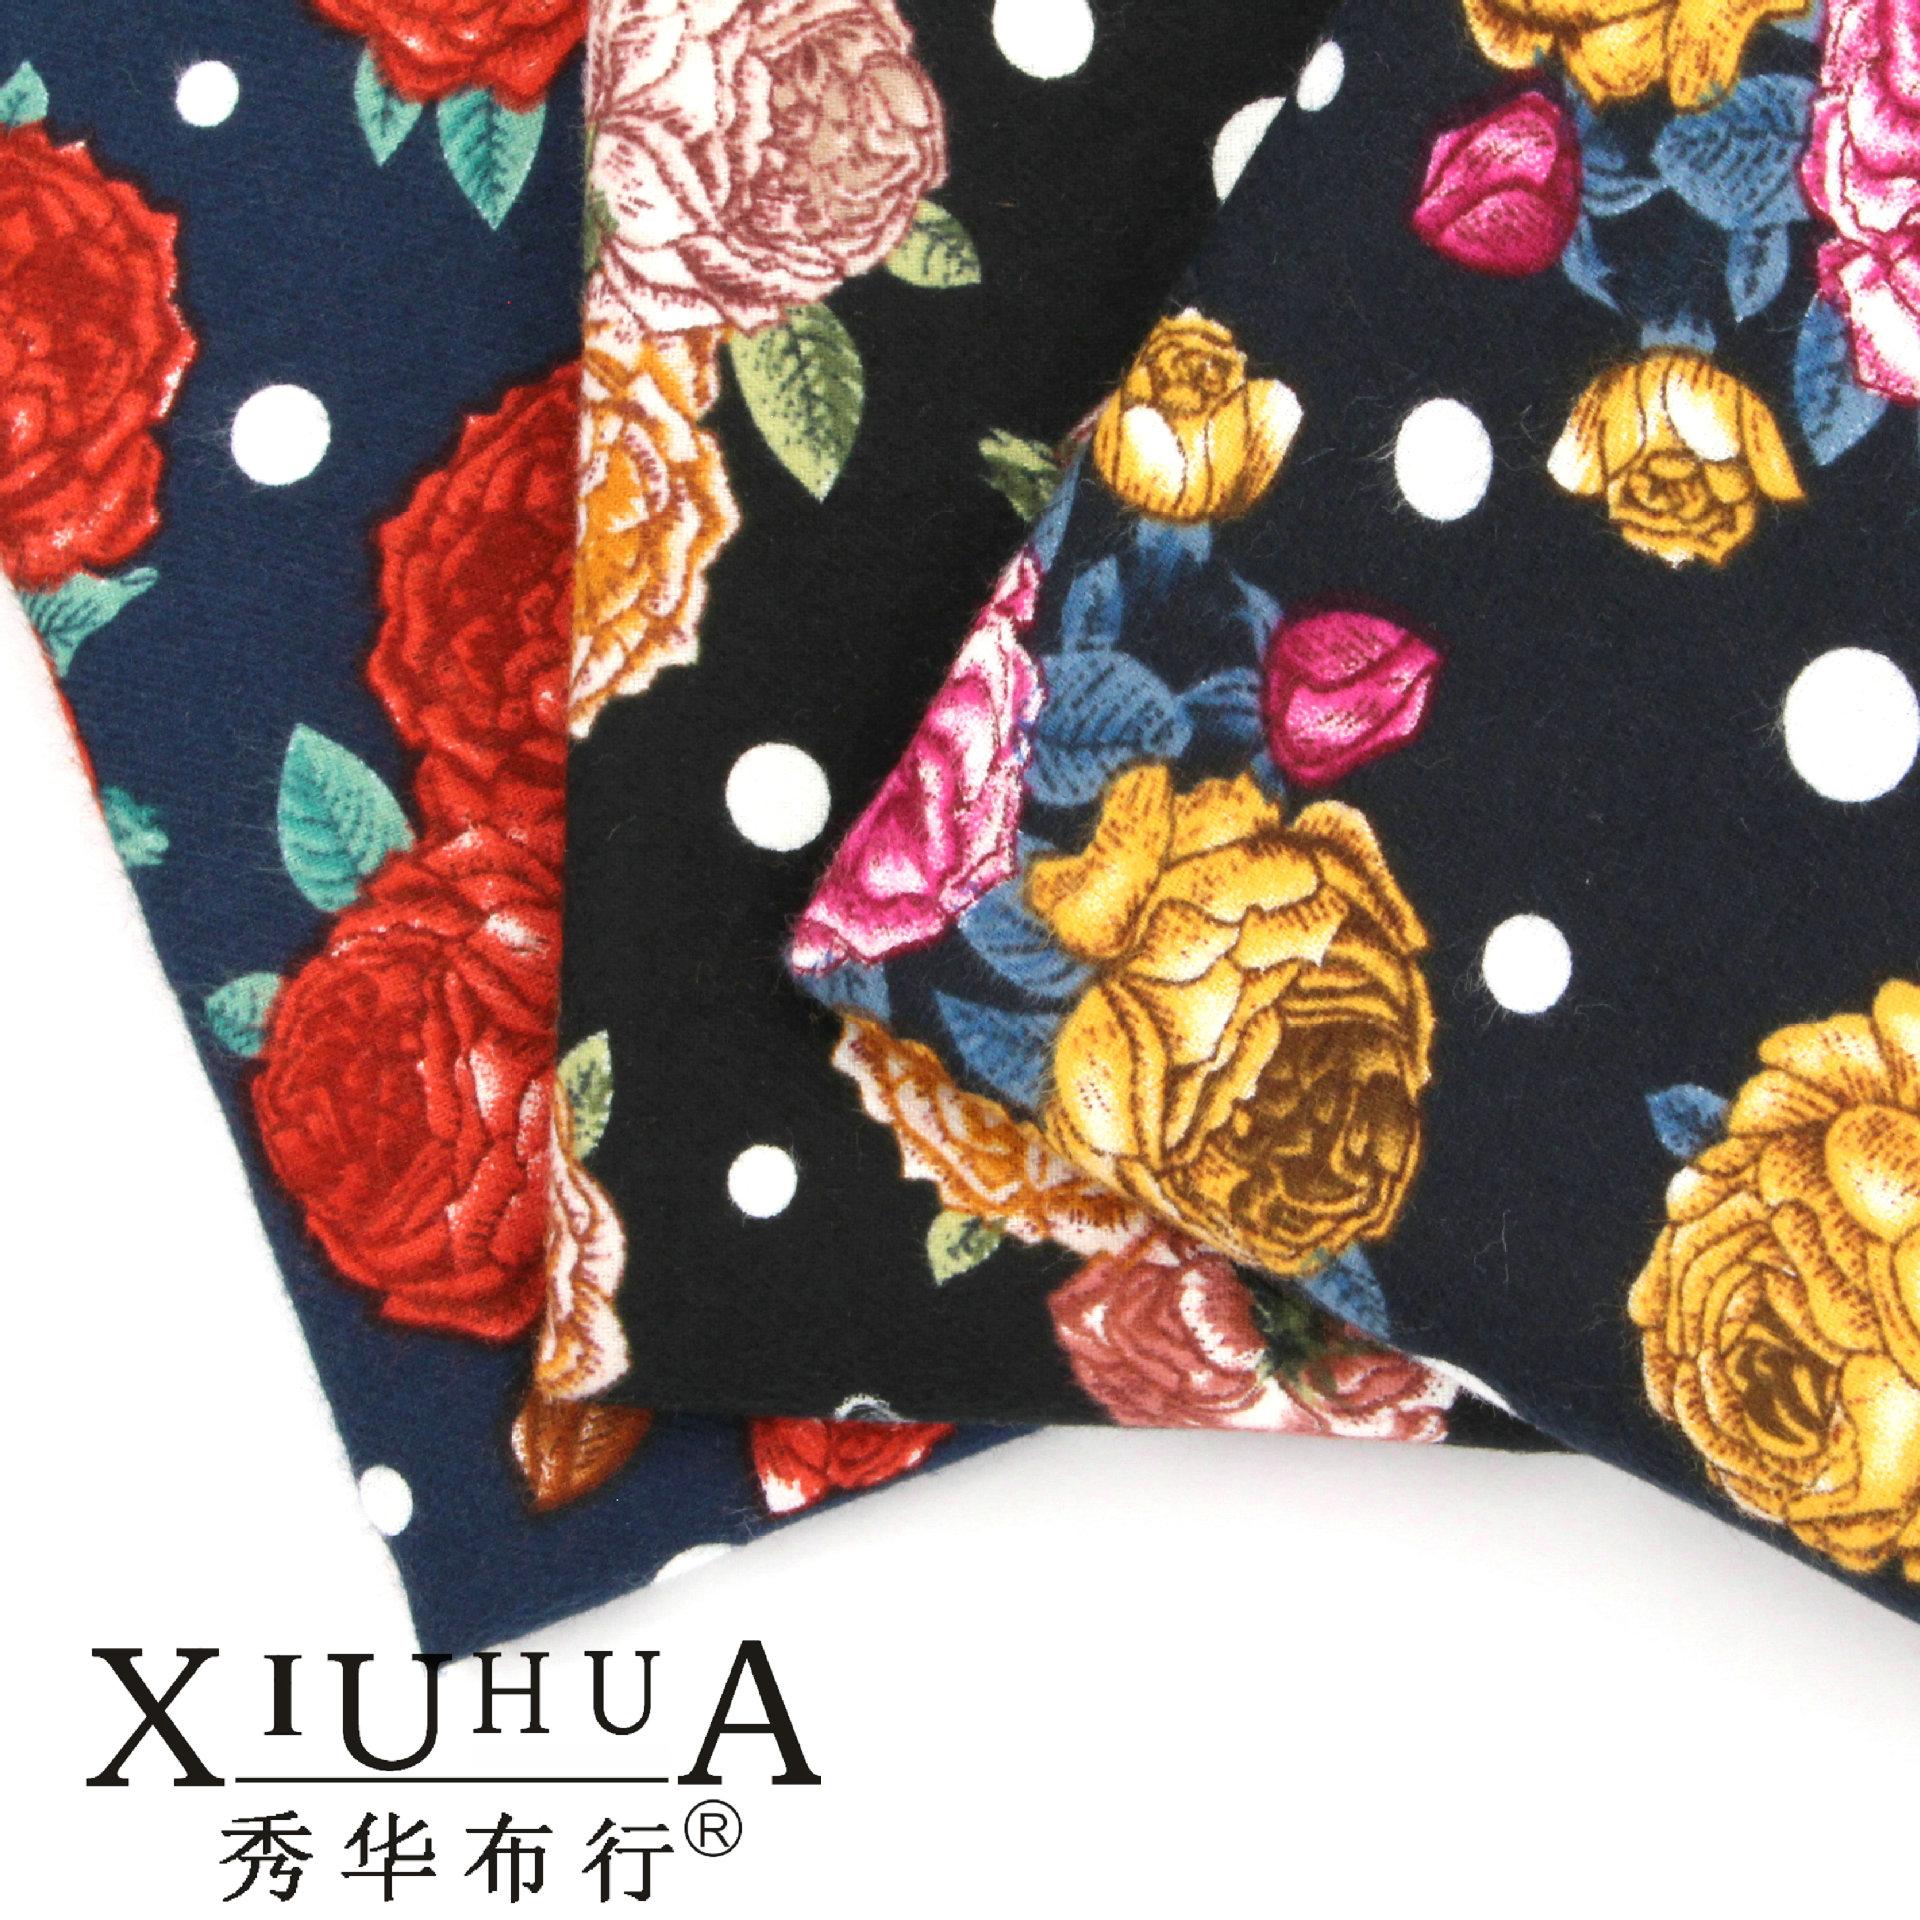 Vải Chiffon & Printing Các nhà sản xuất cung cấp vải áo sơ mi, vải tie-dy, vải jacquard, vải kẻ sọc,